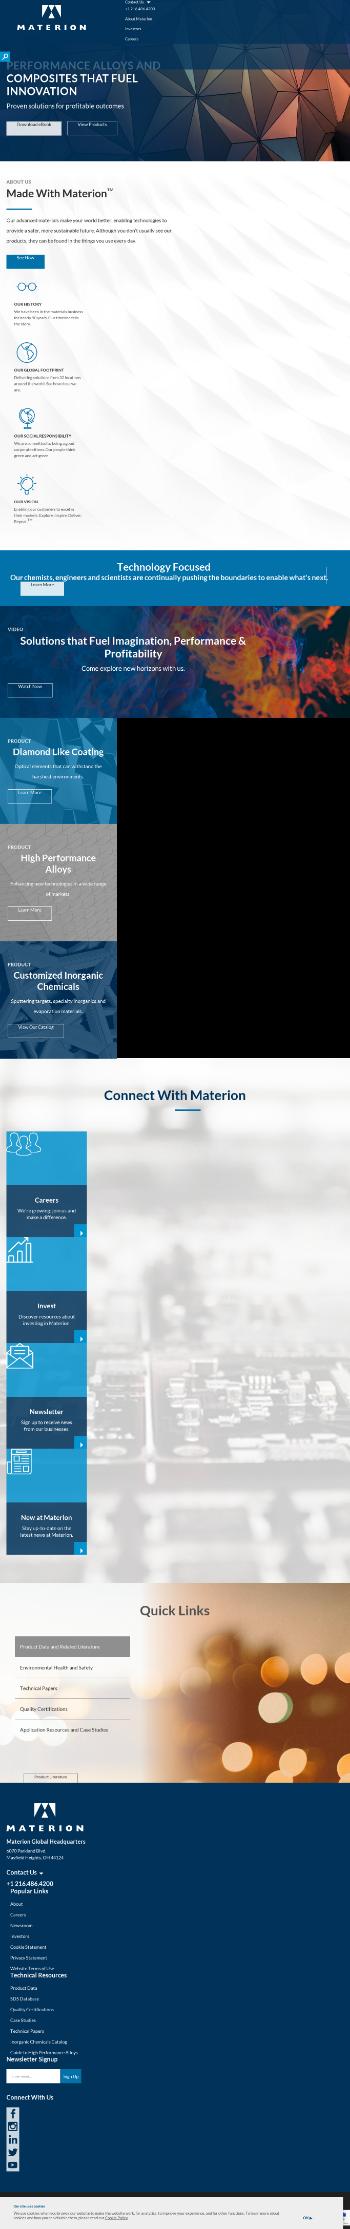 Materion Corporation Website Screenshot